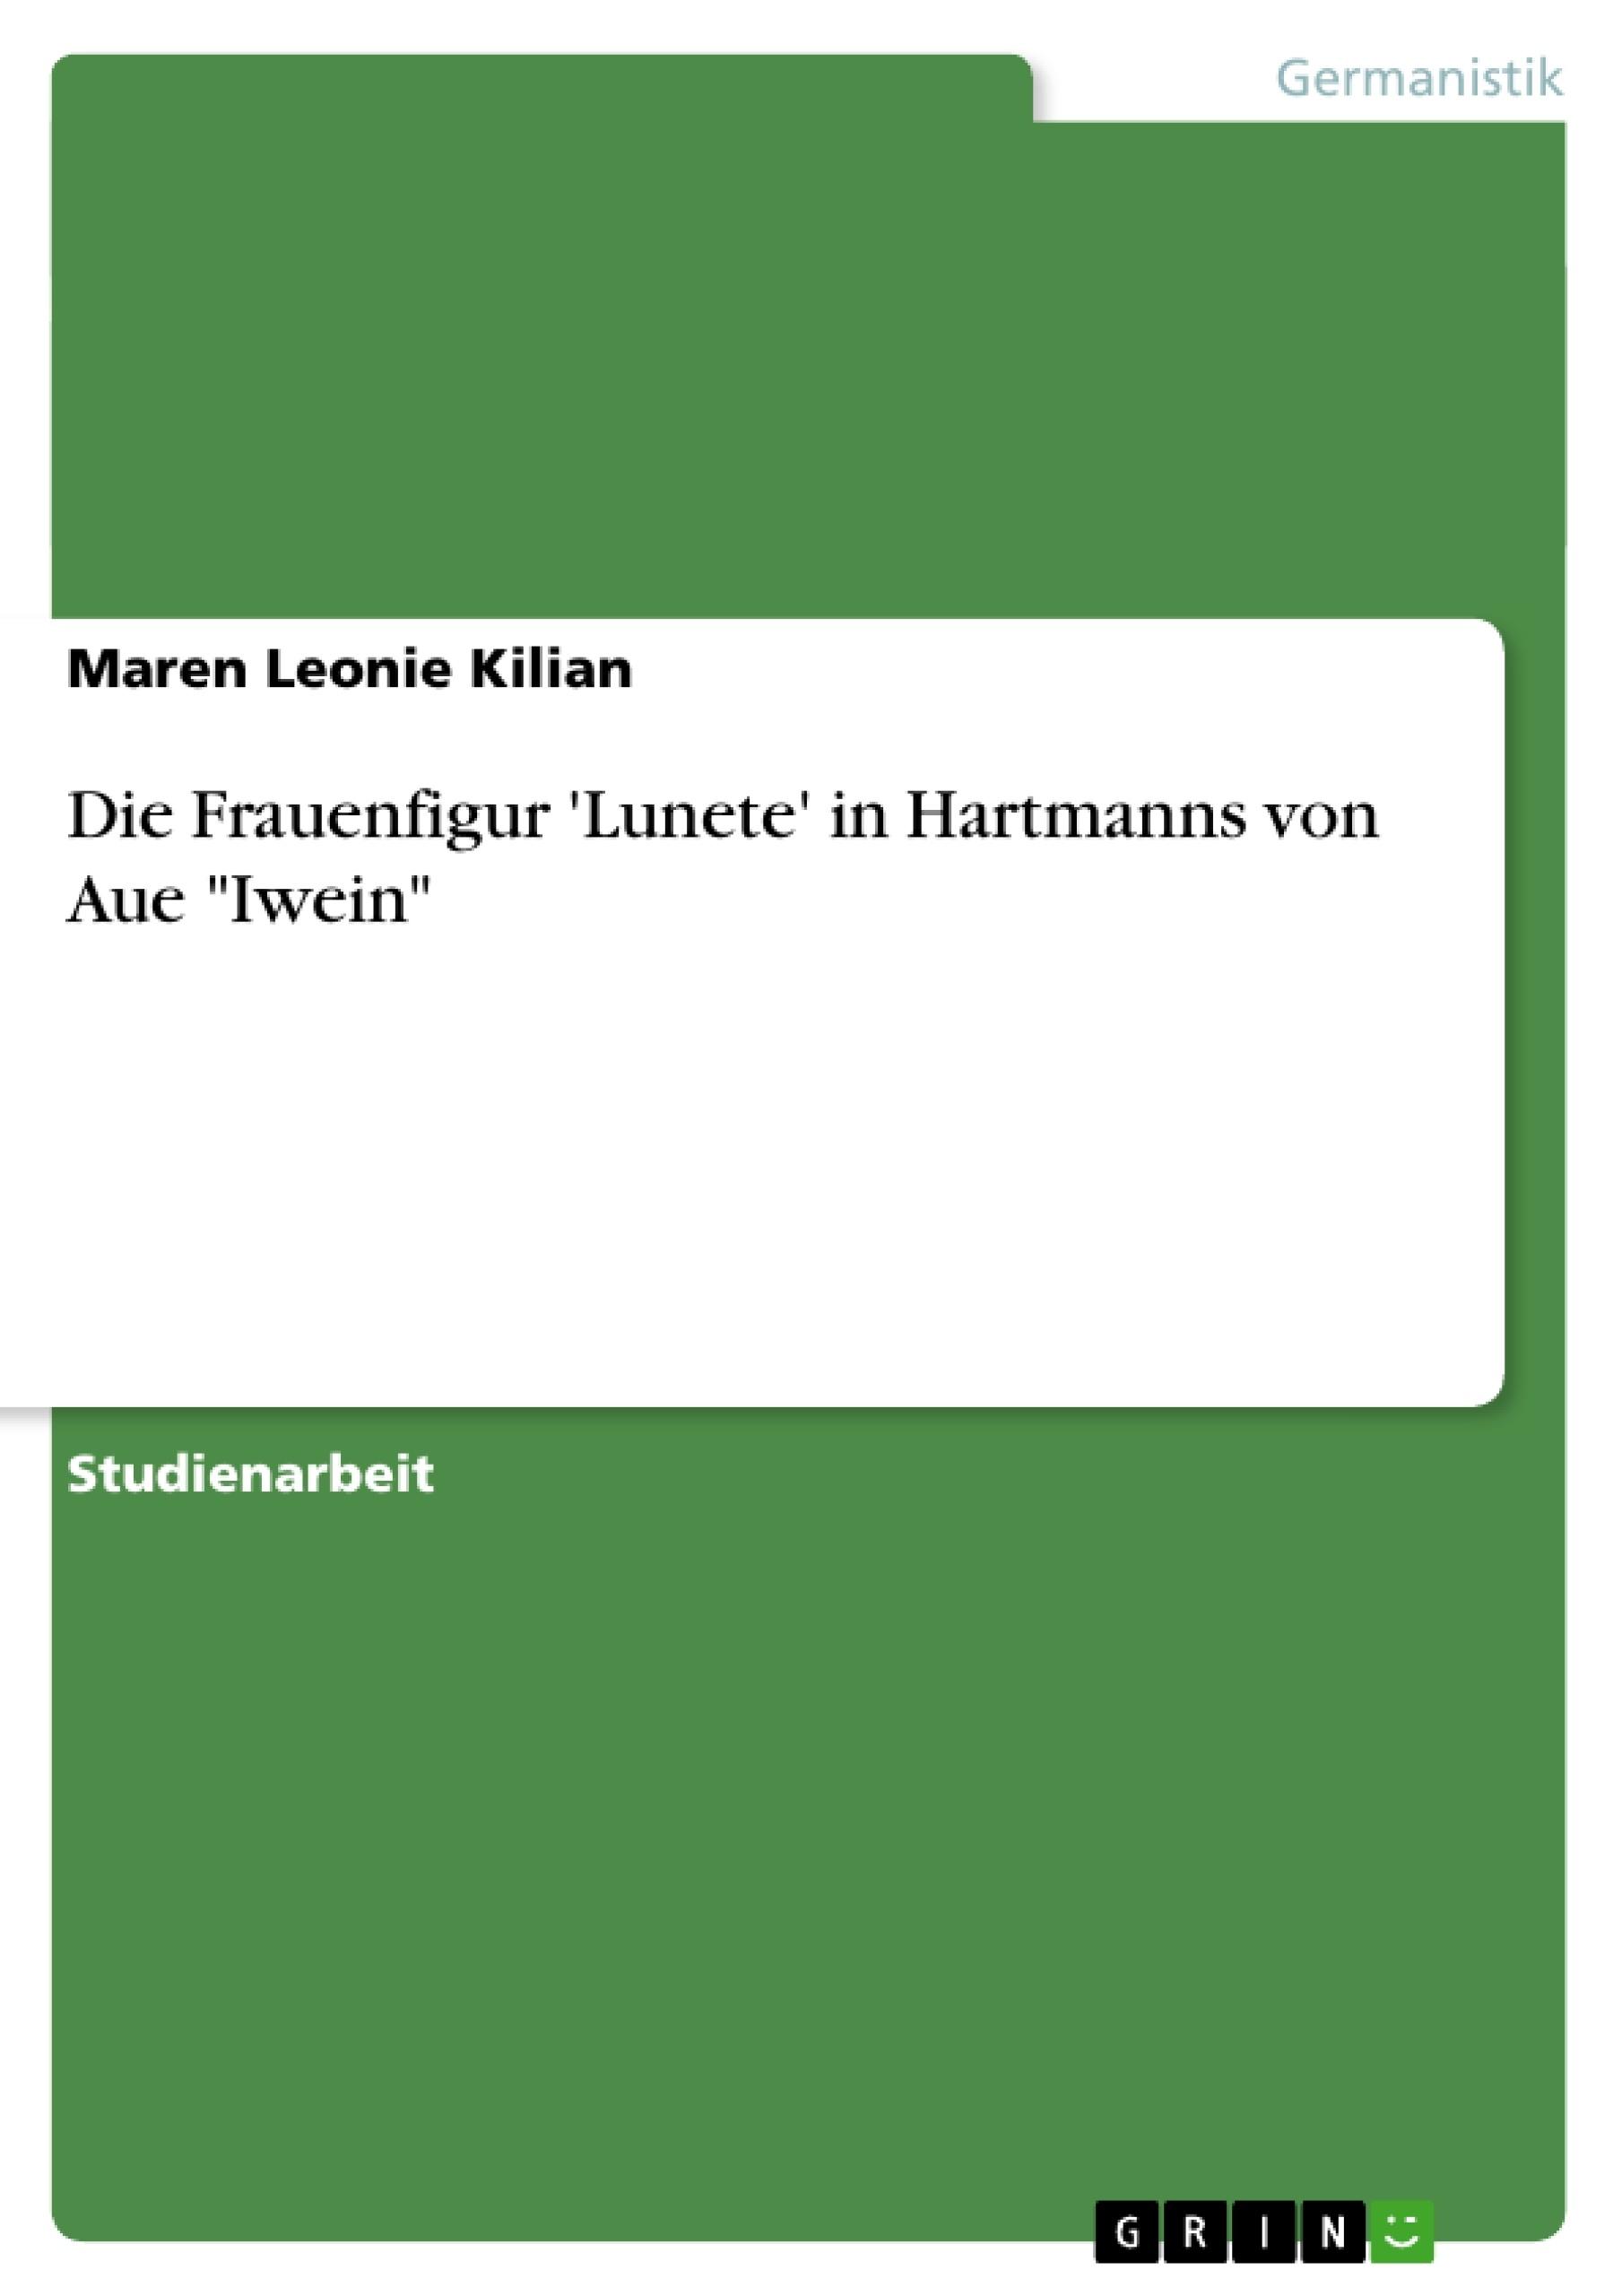 """Titel: Die Frauenfigur 'Lunete' in Hartmanns von Aue """"Iwein"""""""